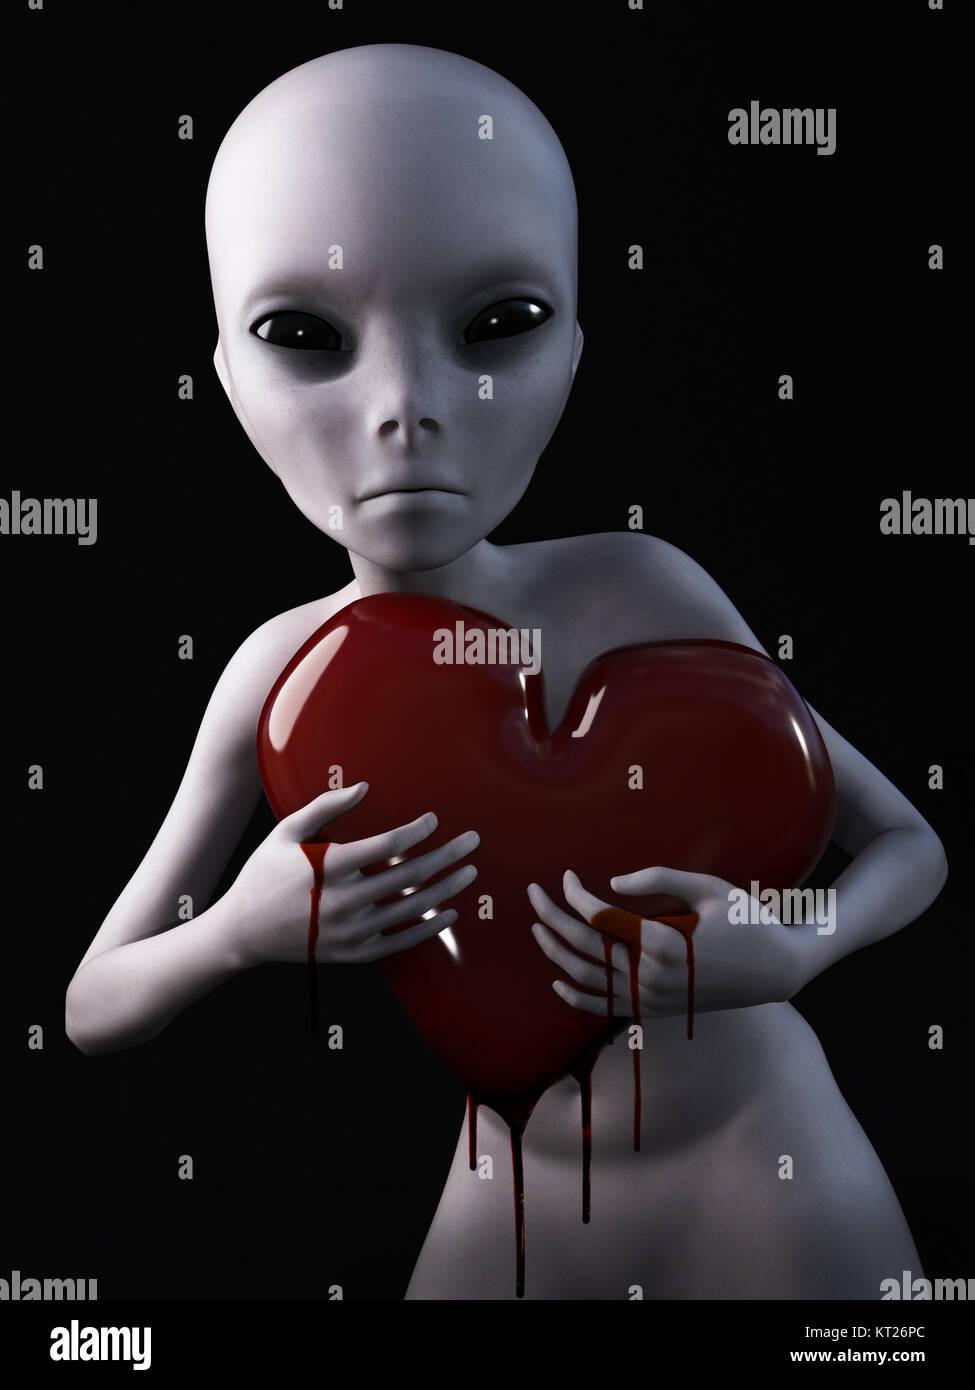 3D rendering of an alien holding bleeding heart. - Stock Image